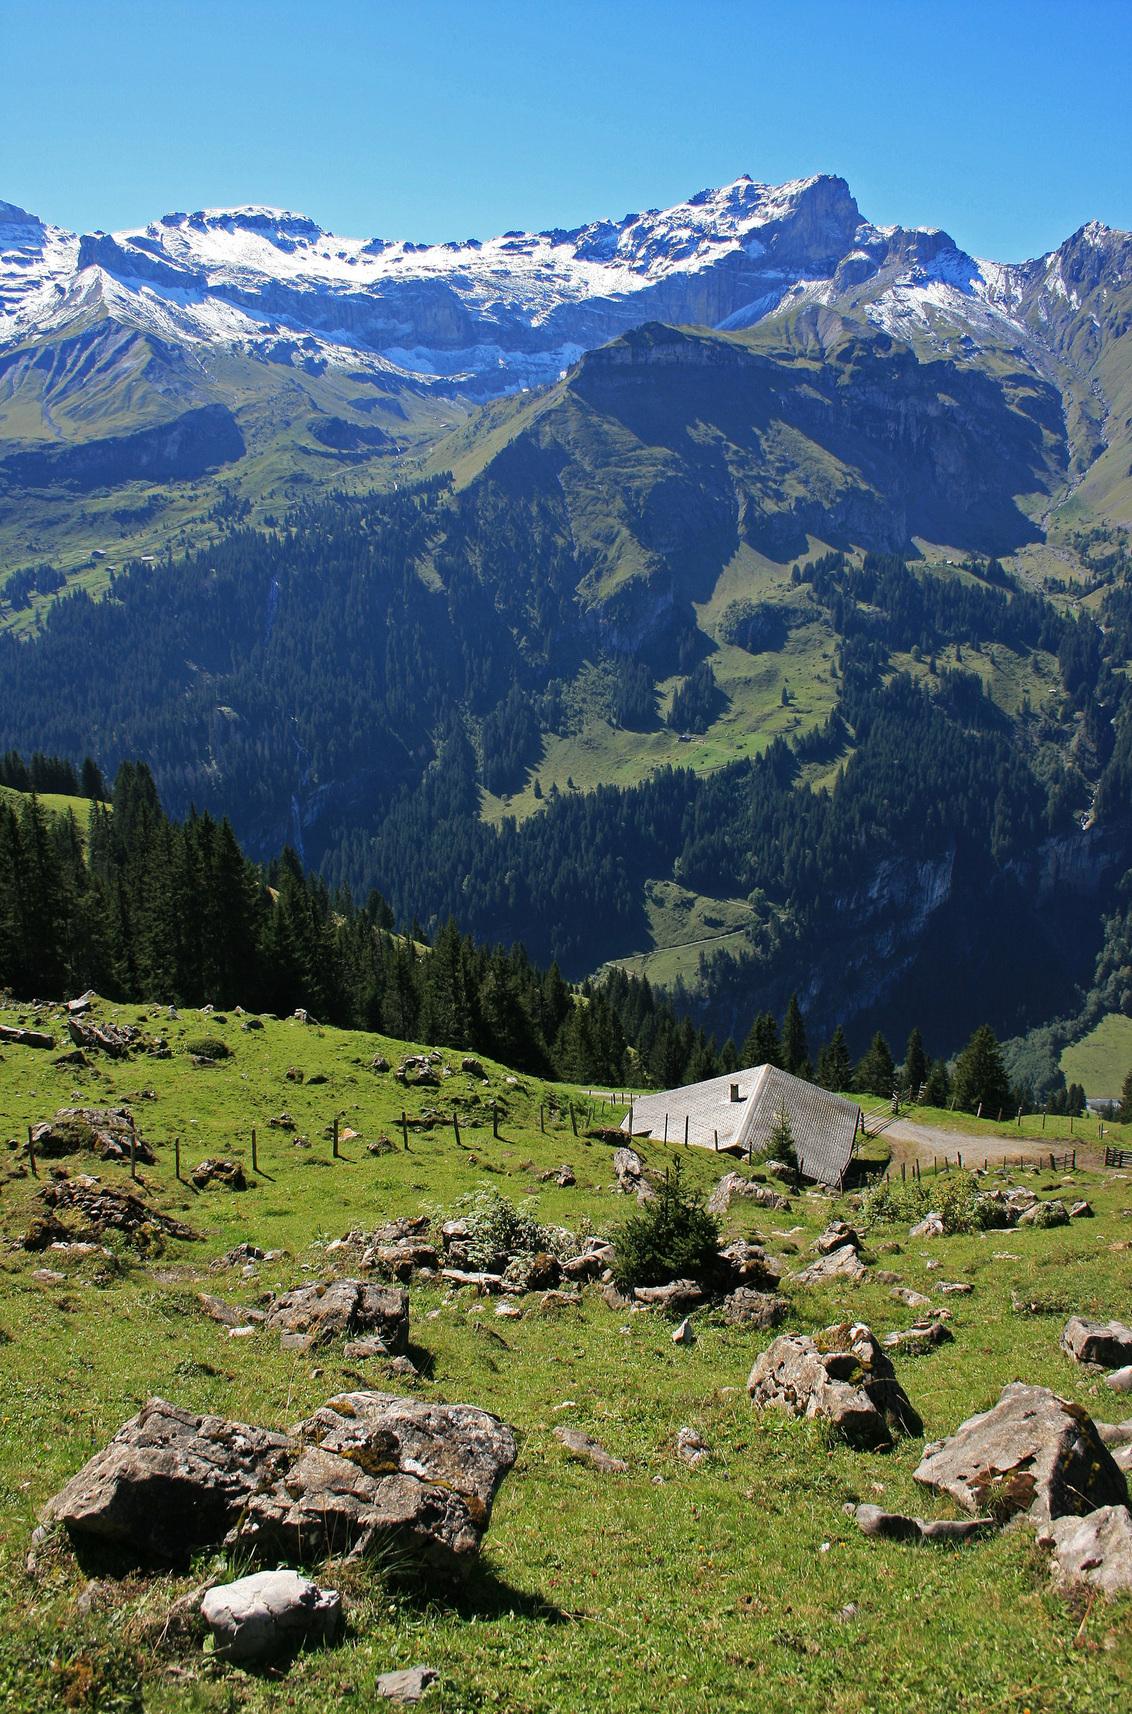 Tschingel - Afdaling vanaf de Abeberg, Kiental, met uitzicht over Tschingel en Tschingelsee. Momenteel druk met de voorbereidingen voor een nieuwe bezoek aan de  - foto door GandalfB op 06-01-2009 - deze foto bevat: bergen, zwitserland, alpen, afdaling, kiental, abeberg, tschingel